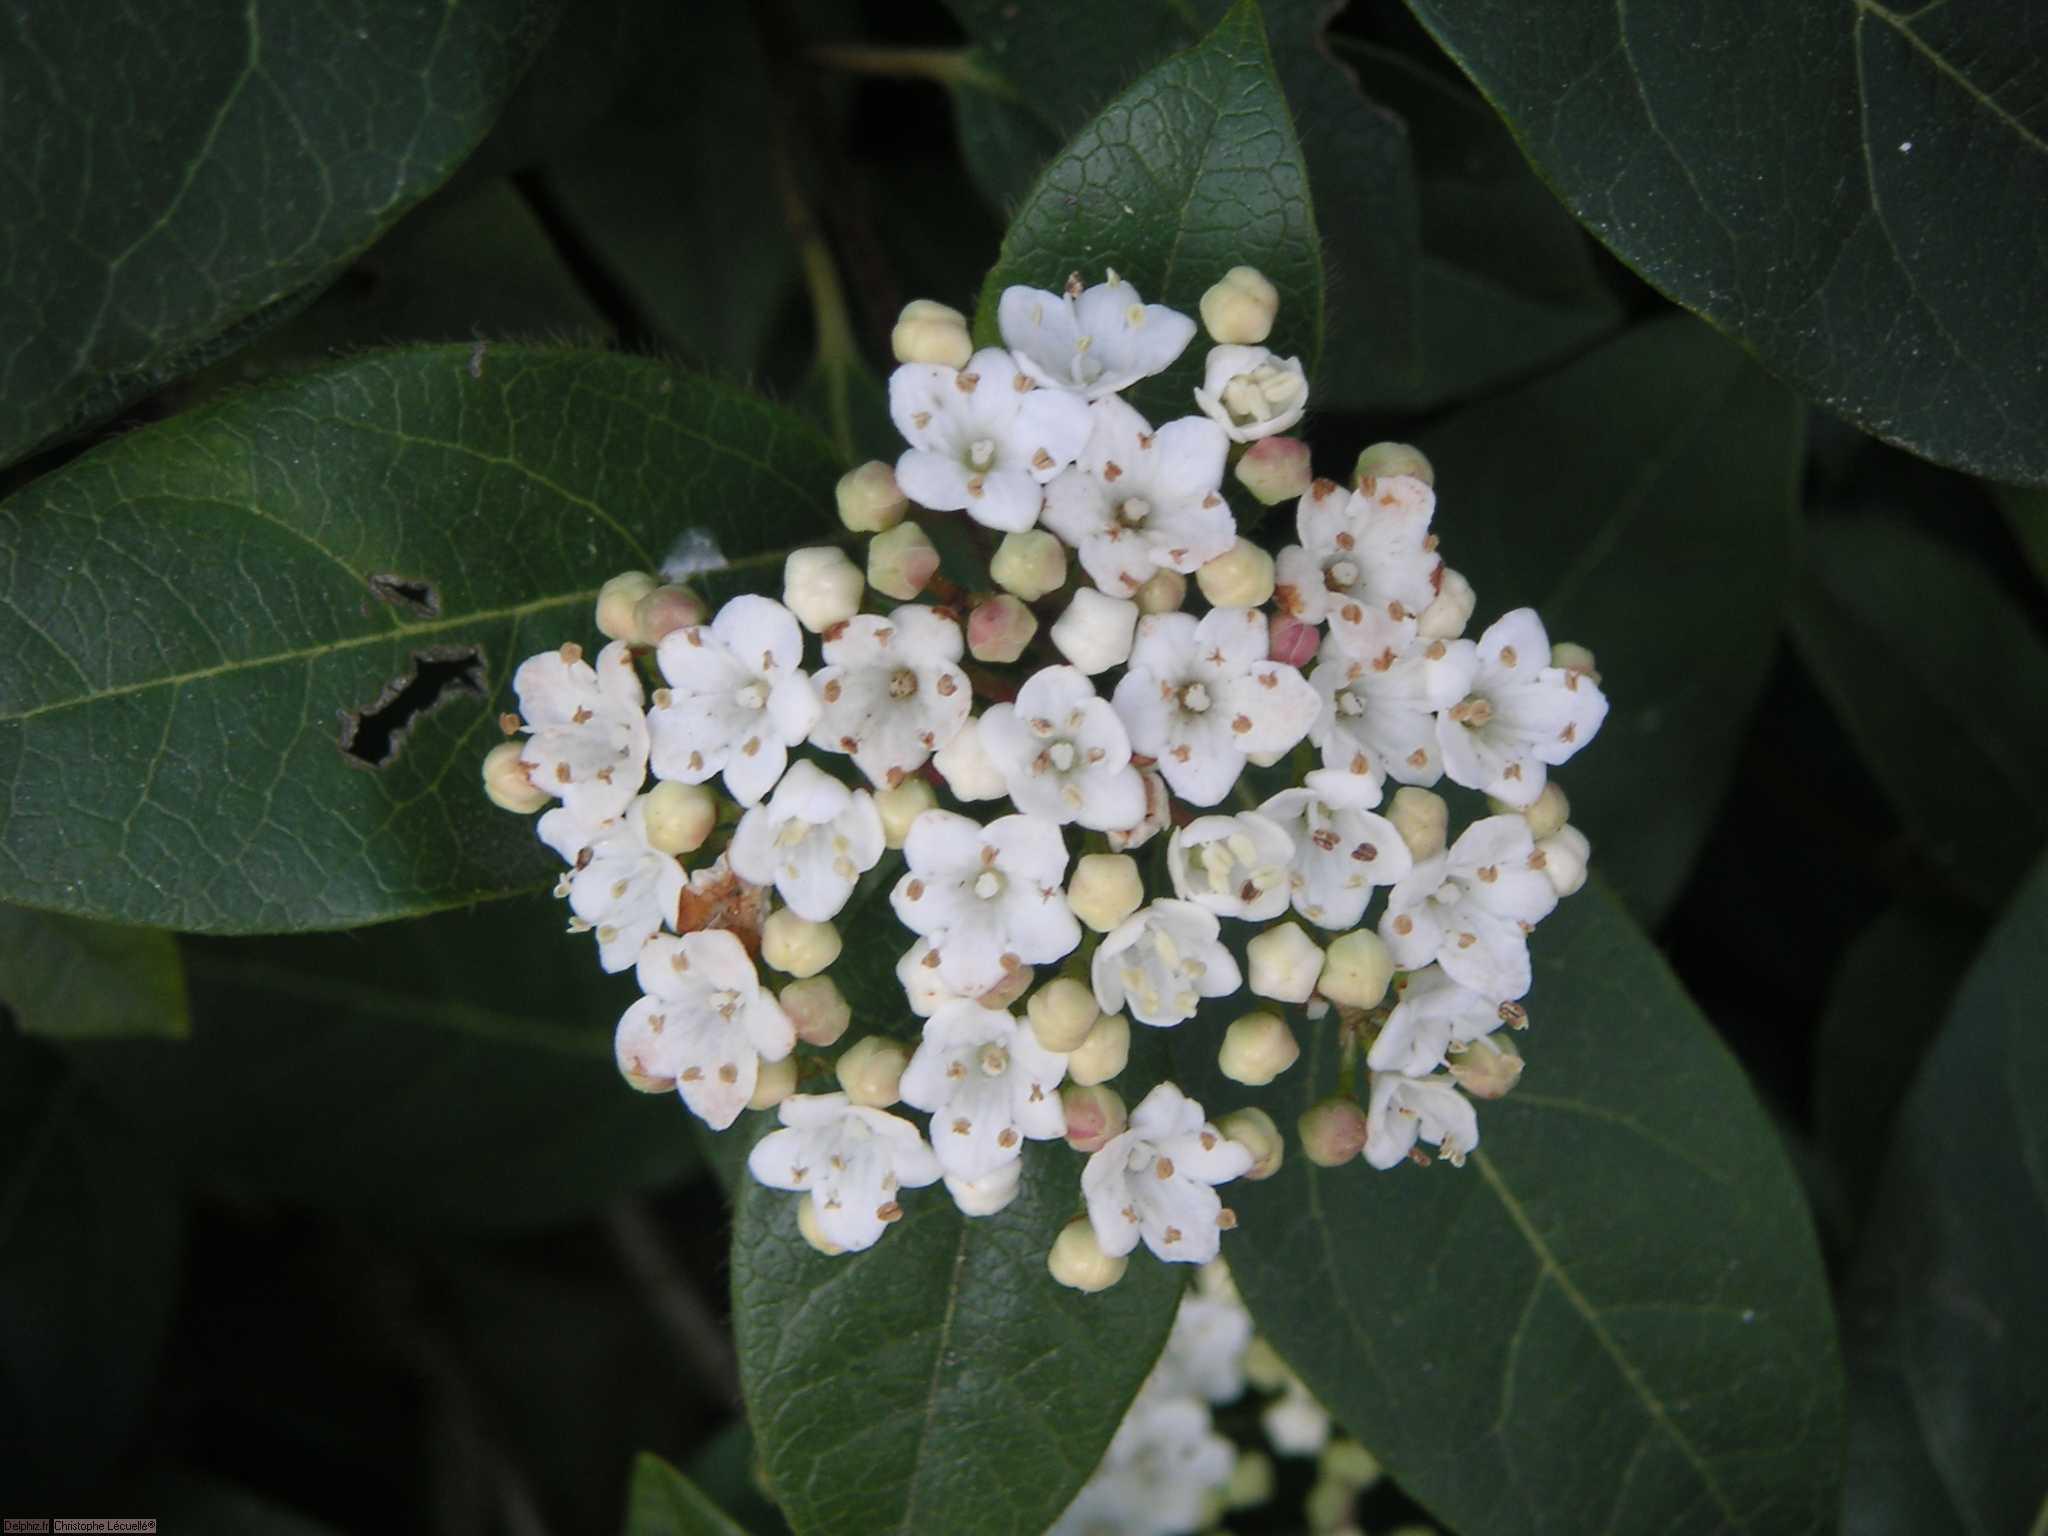 Fleurs blanches le site des programmes for Les noms des fleurs